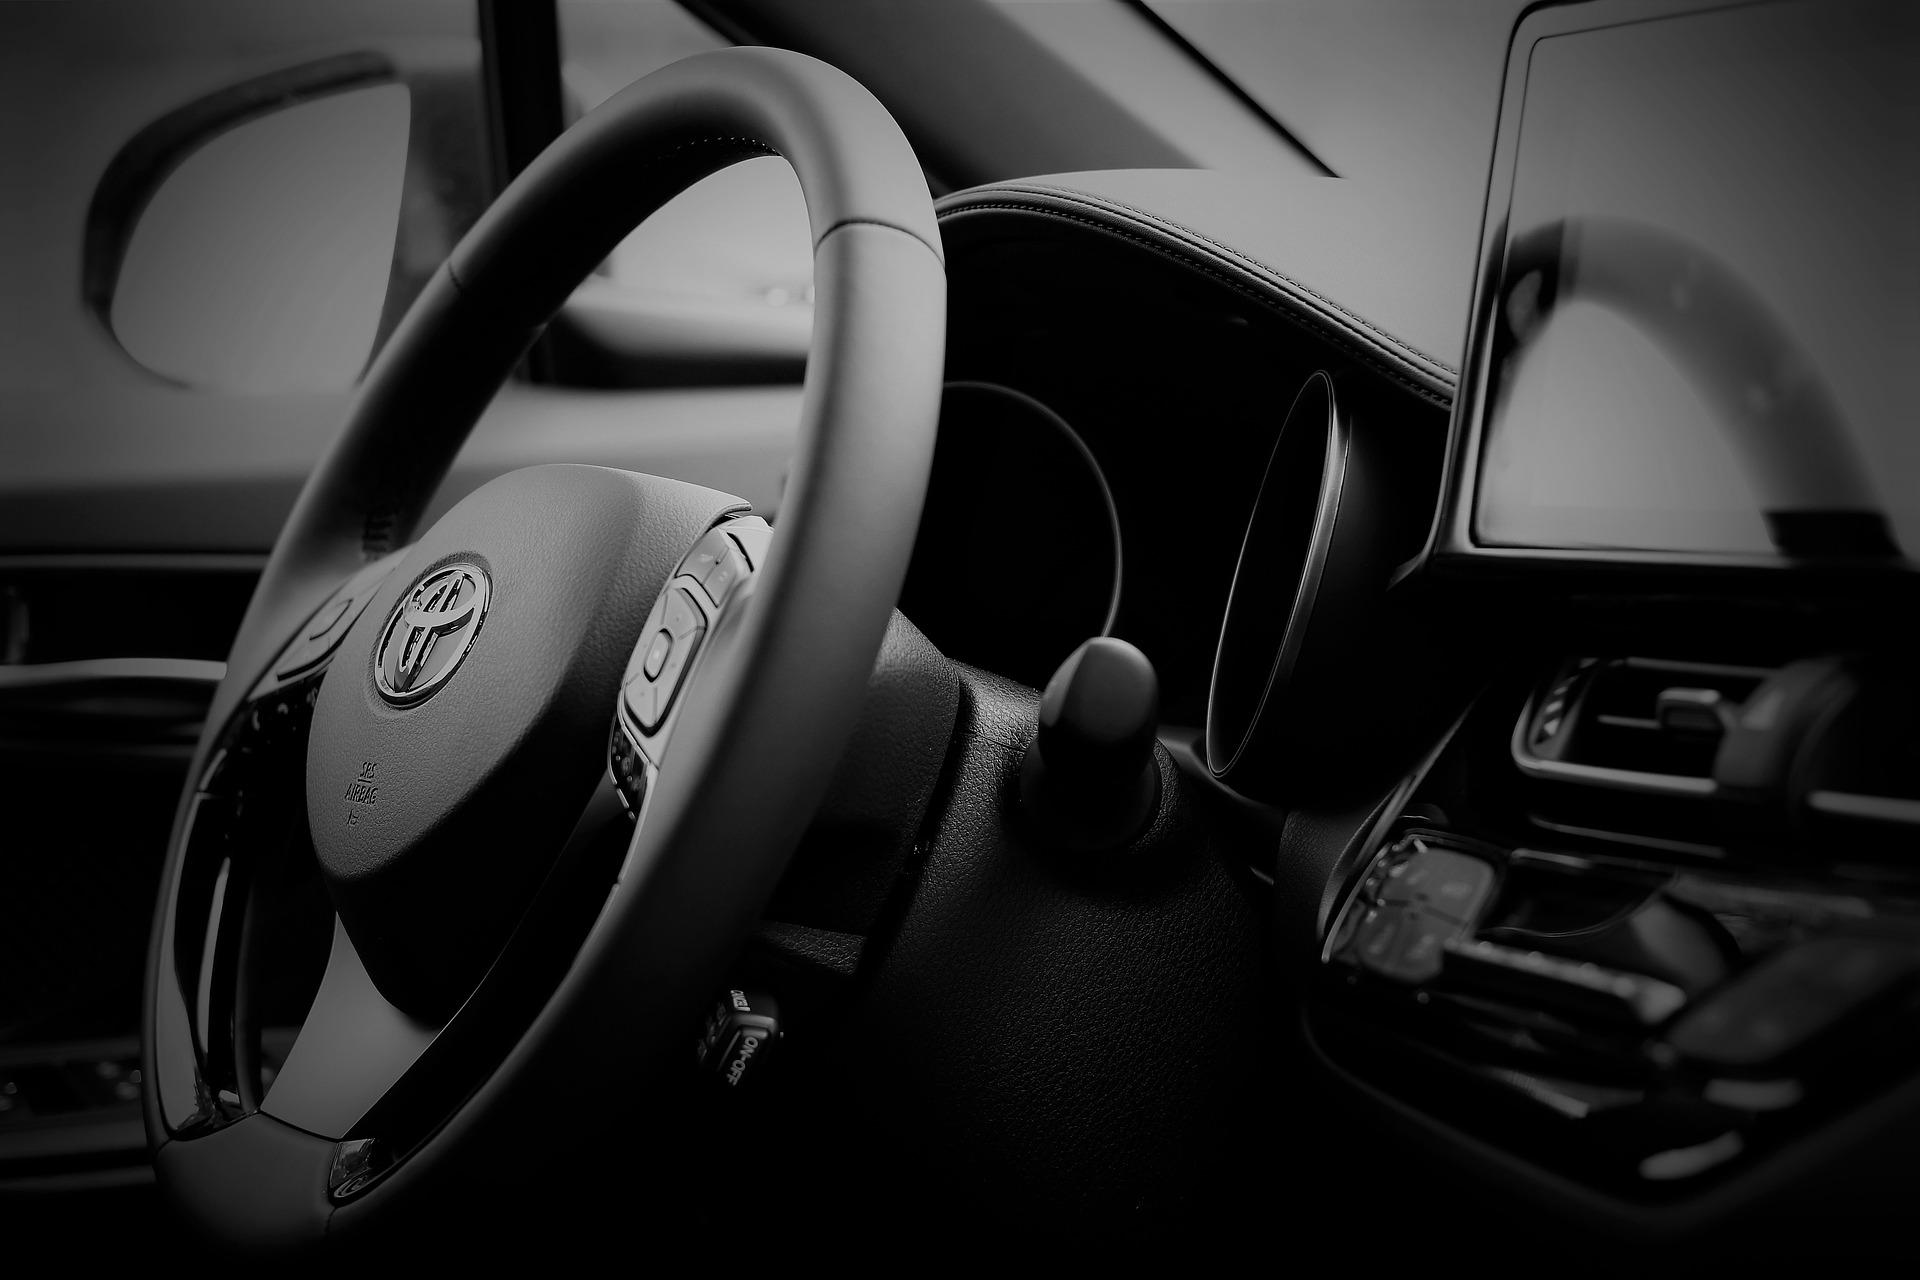 Toyota, NVIDIA, Bosch i inni łączą siły. Celem rozwój autonomicznych samochodów